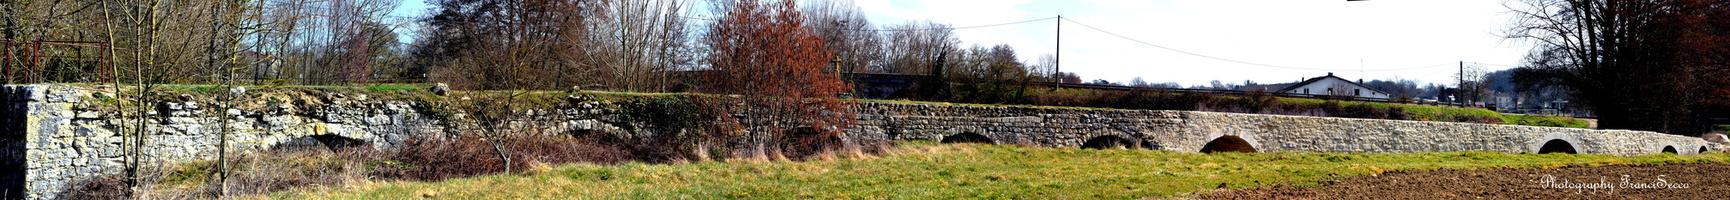 Le pont roman à cheval sur les communes de La Sauvetat-du-Dropt et d'Agnac